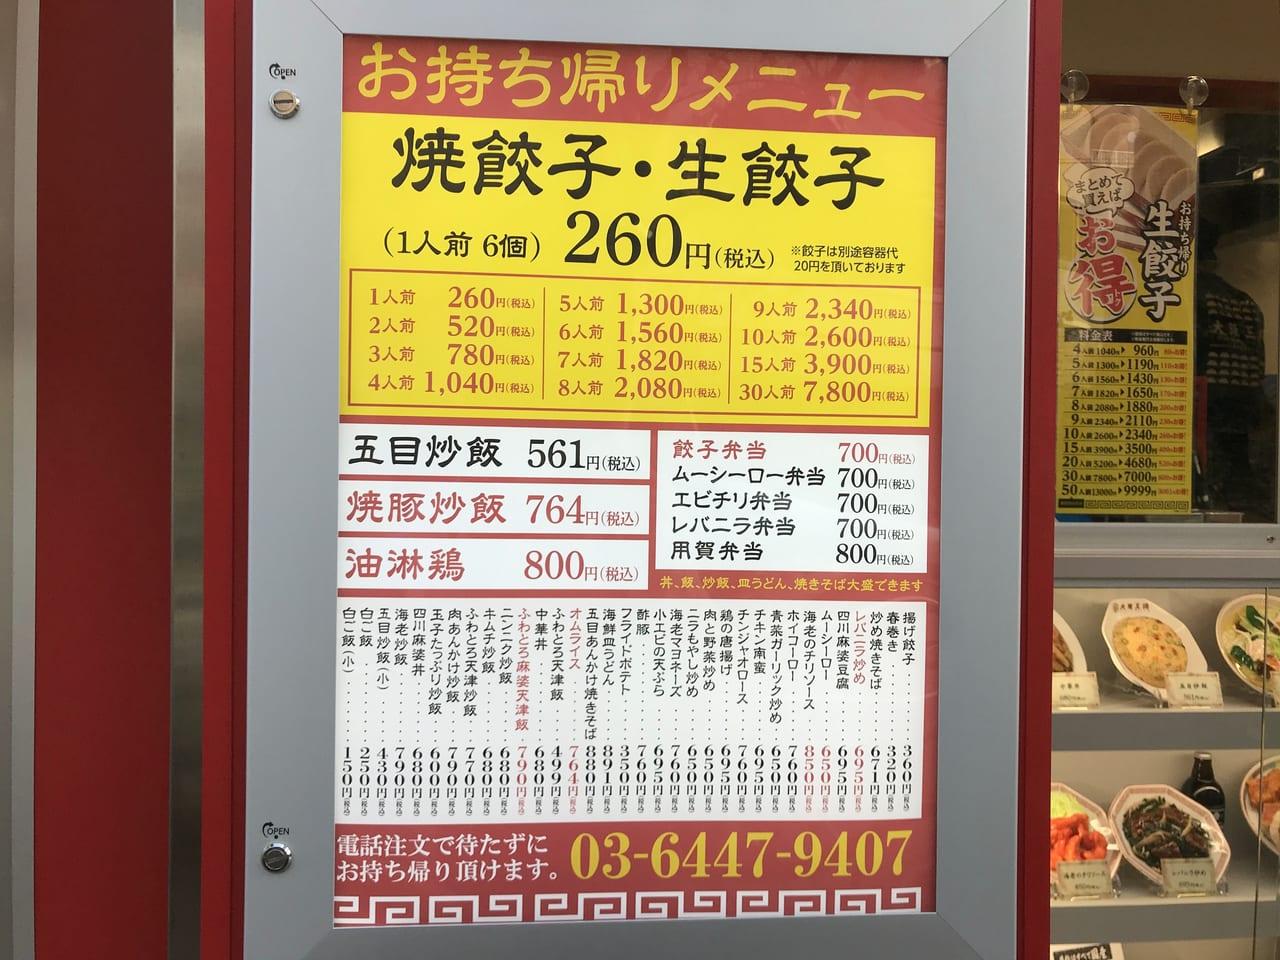 メニュー 大阪 王将